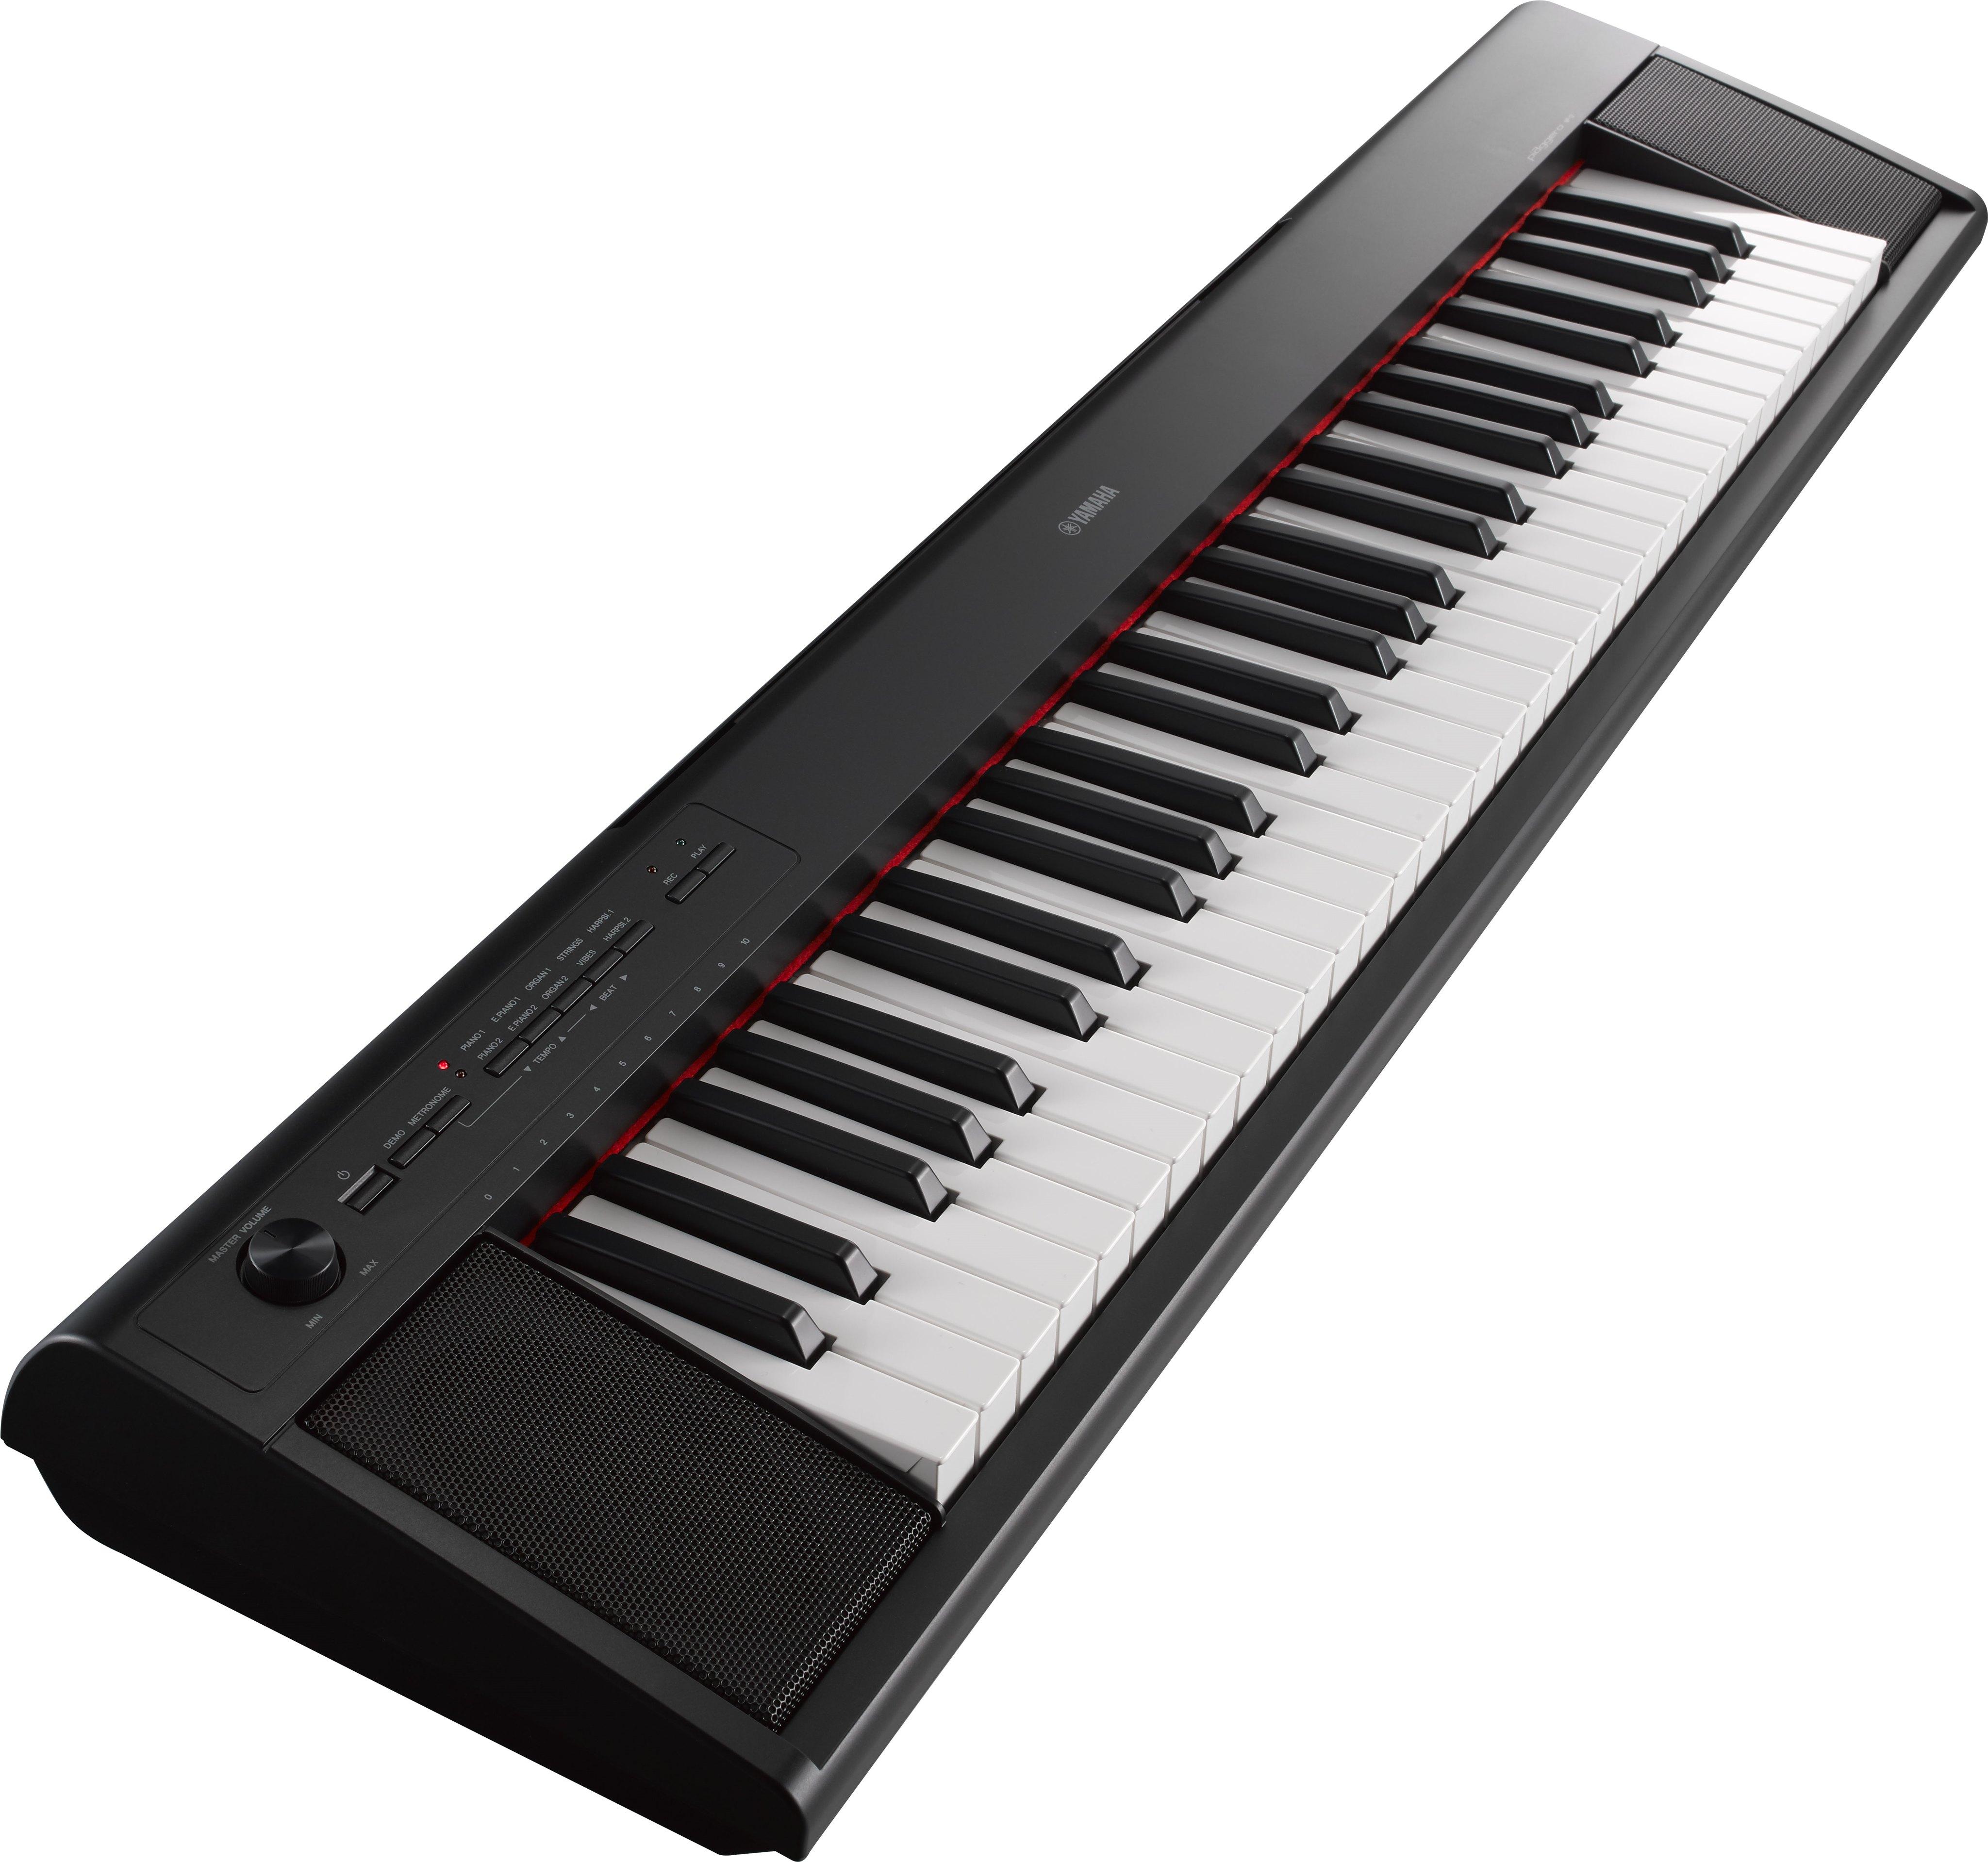 np 32 12 descripci n piaggero teclados port tiles instrumentos musicales productos. Black Bedroom Furniture Sets. Home Design Ideas